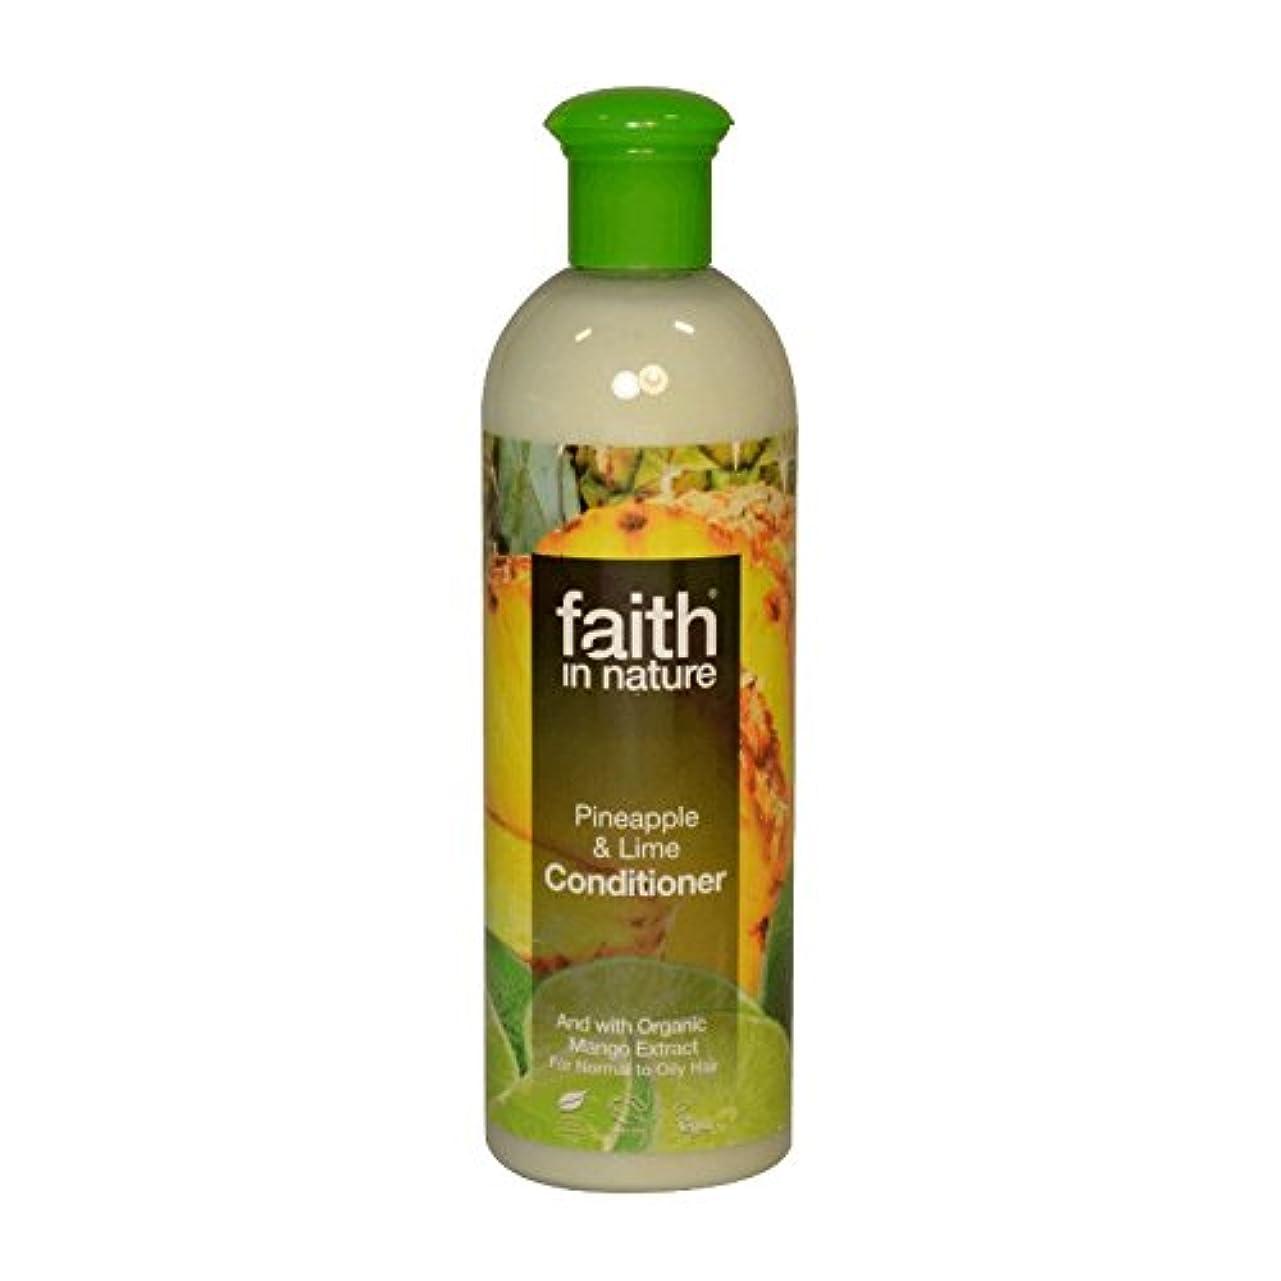 登録マーク集中Faith in Nature Pineapple & Lime Conditioner 400ml (Pack of 2) - 自然パイナップル&ライムコンディショナー400ミリリットルの信仰 (x2) [並行輸入品]